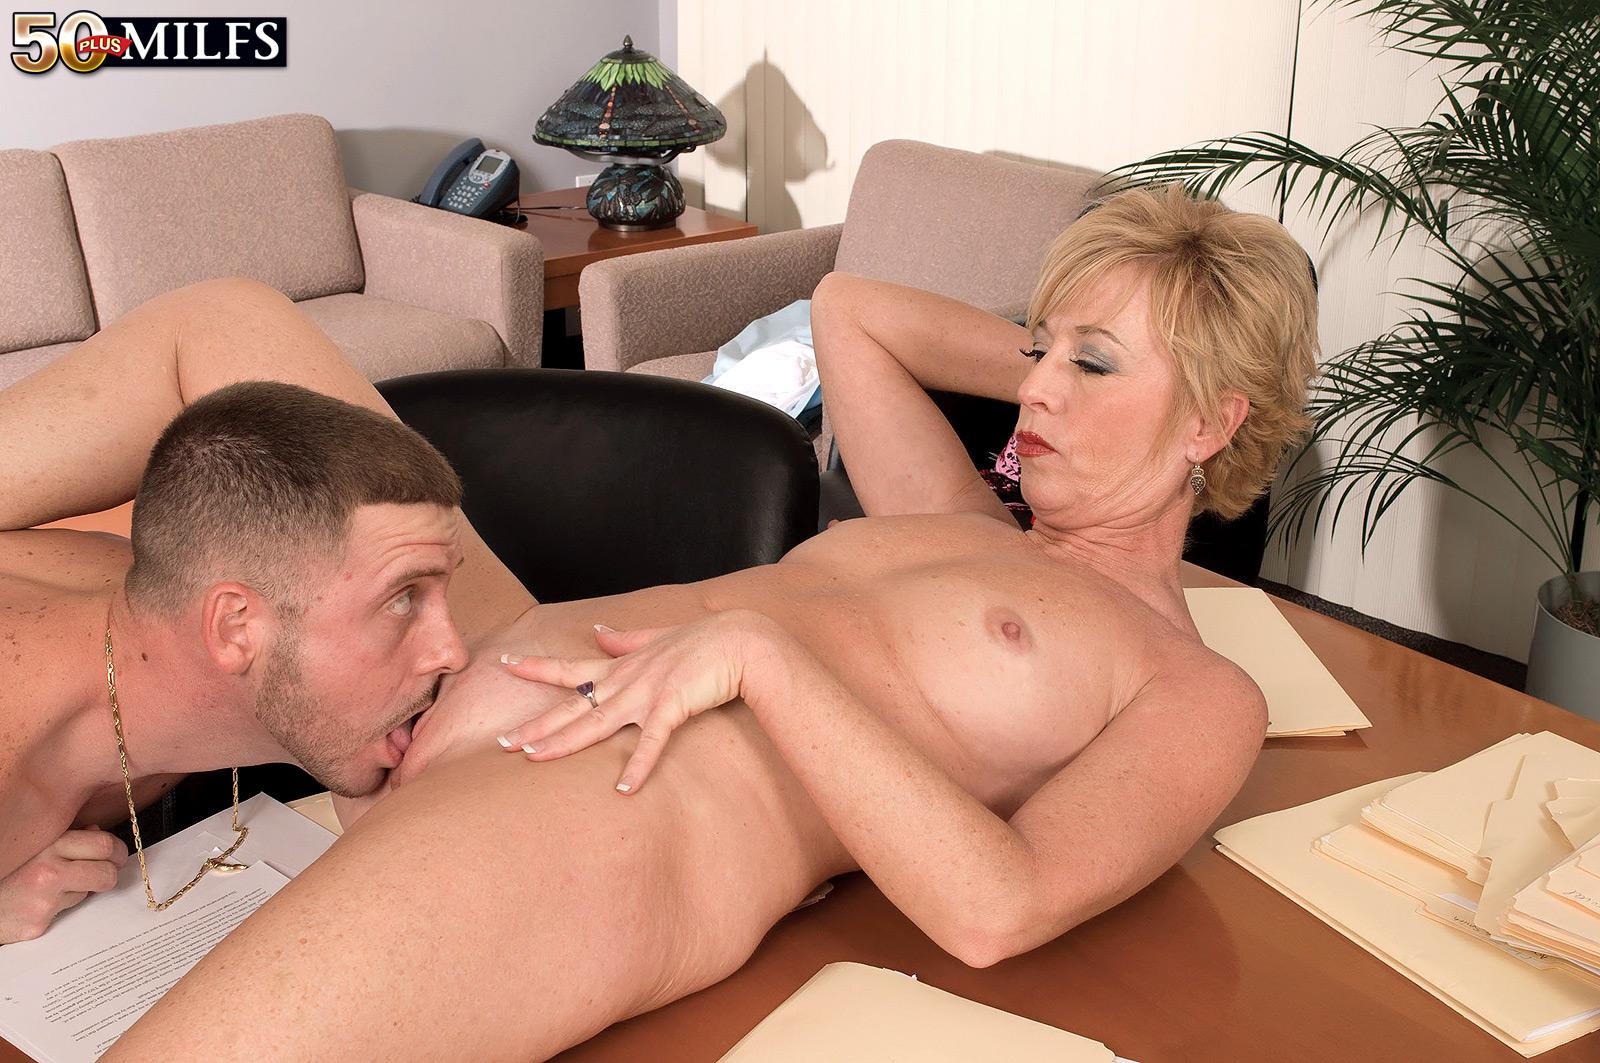 Смотреть порно с секретаршей в мини юбке 17 фотография